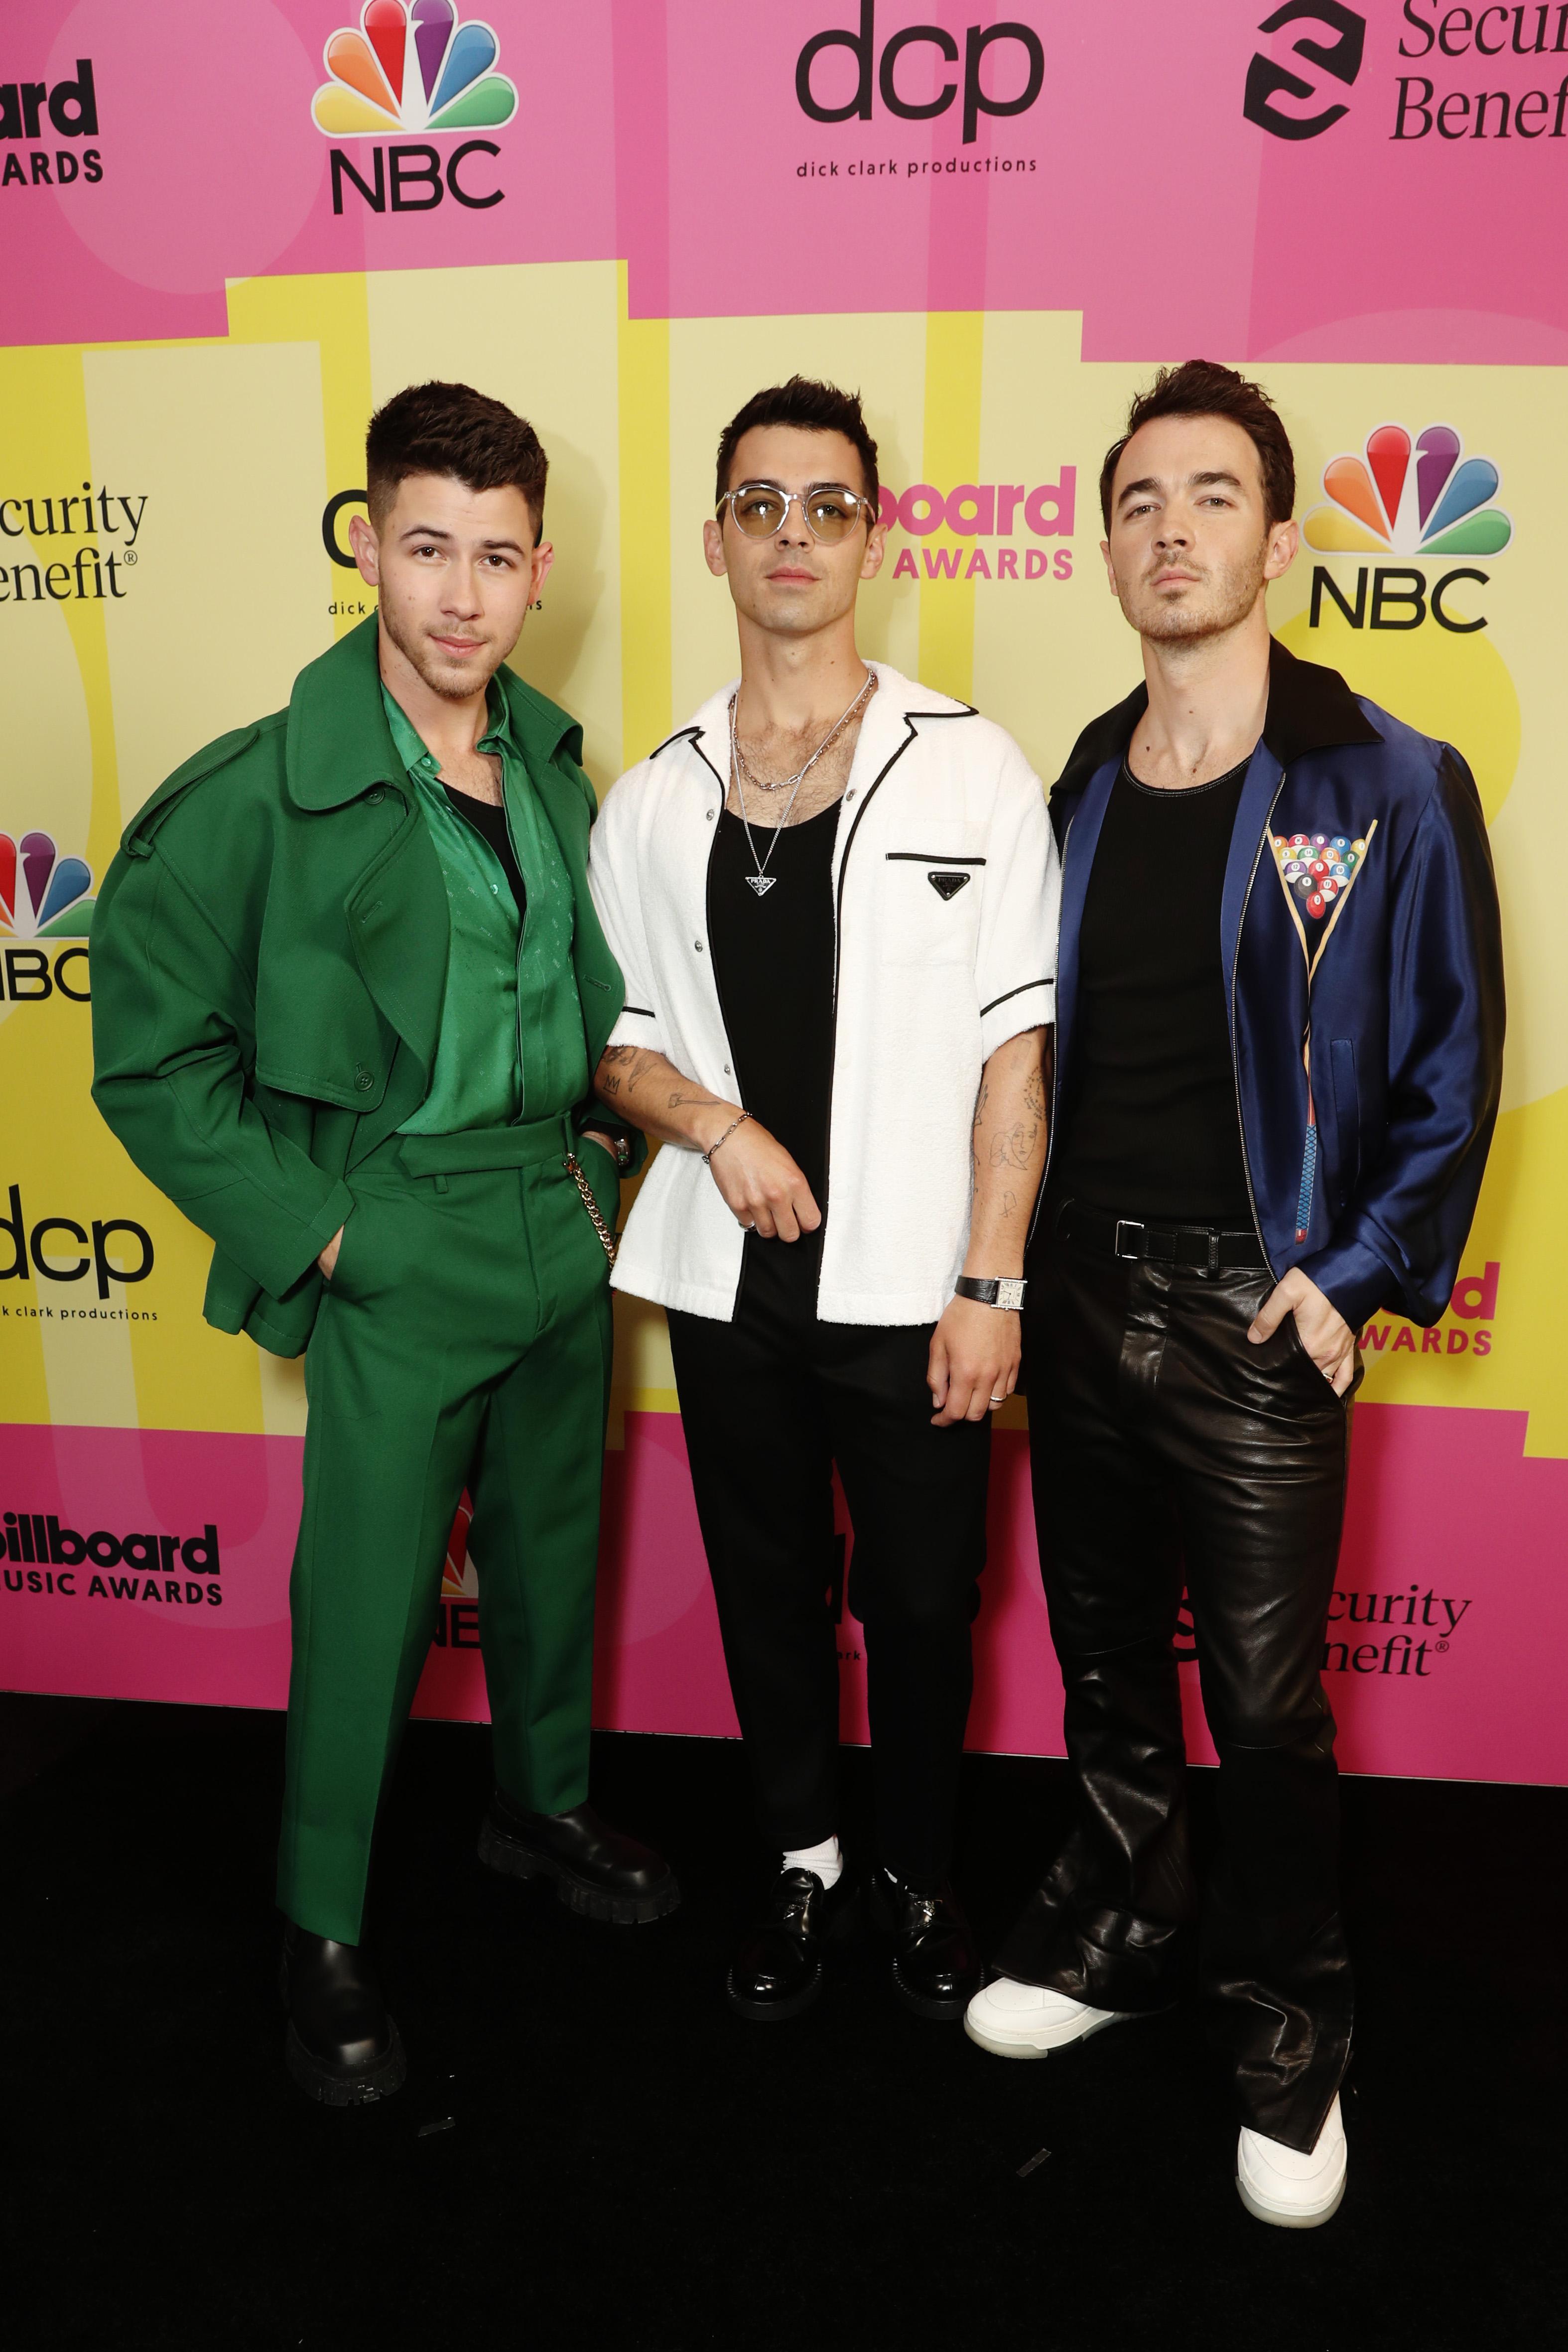 Os Jonas Brothers no Billboard Music Awards 2021. Nick Jonas está com um look todo verde bandeira, Joe Jonas está de preto com uma camisa branca por cima, e Kevin Jonas está de preto com uma jaqueta azul-marinho.